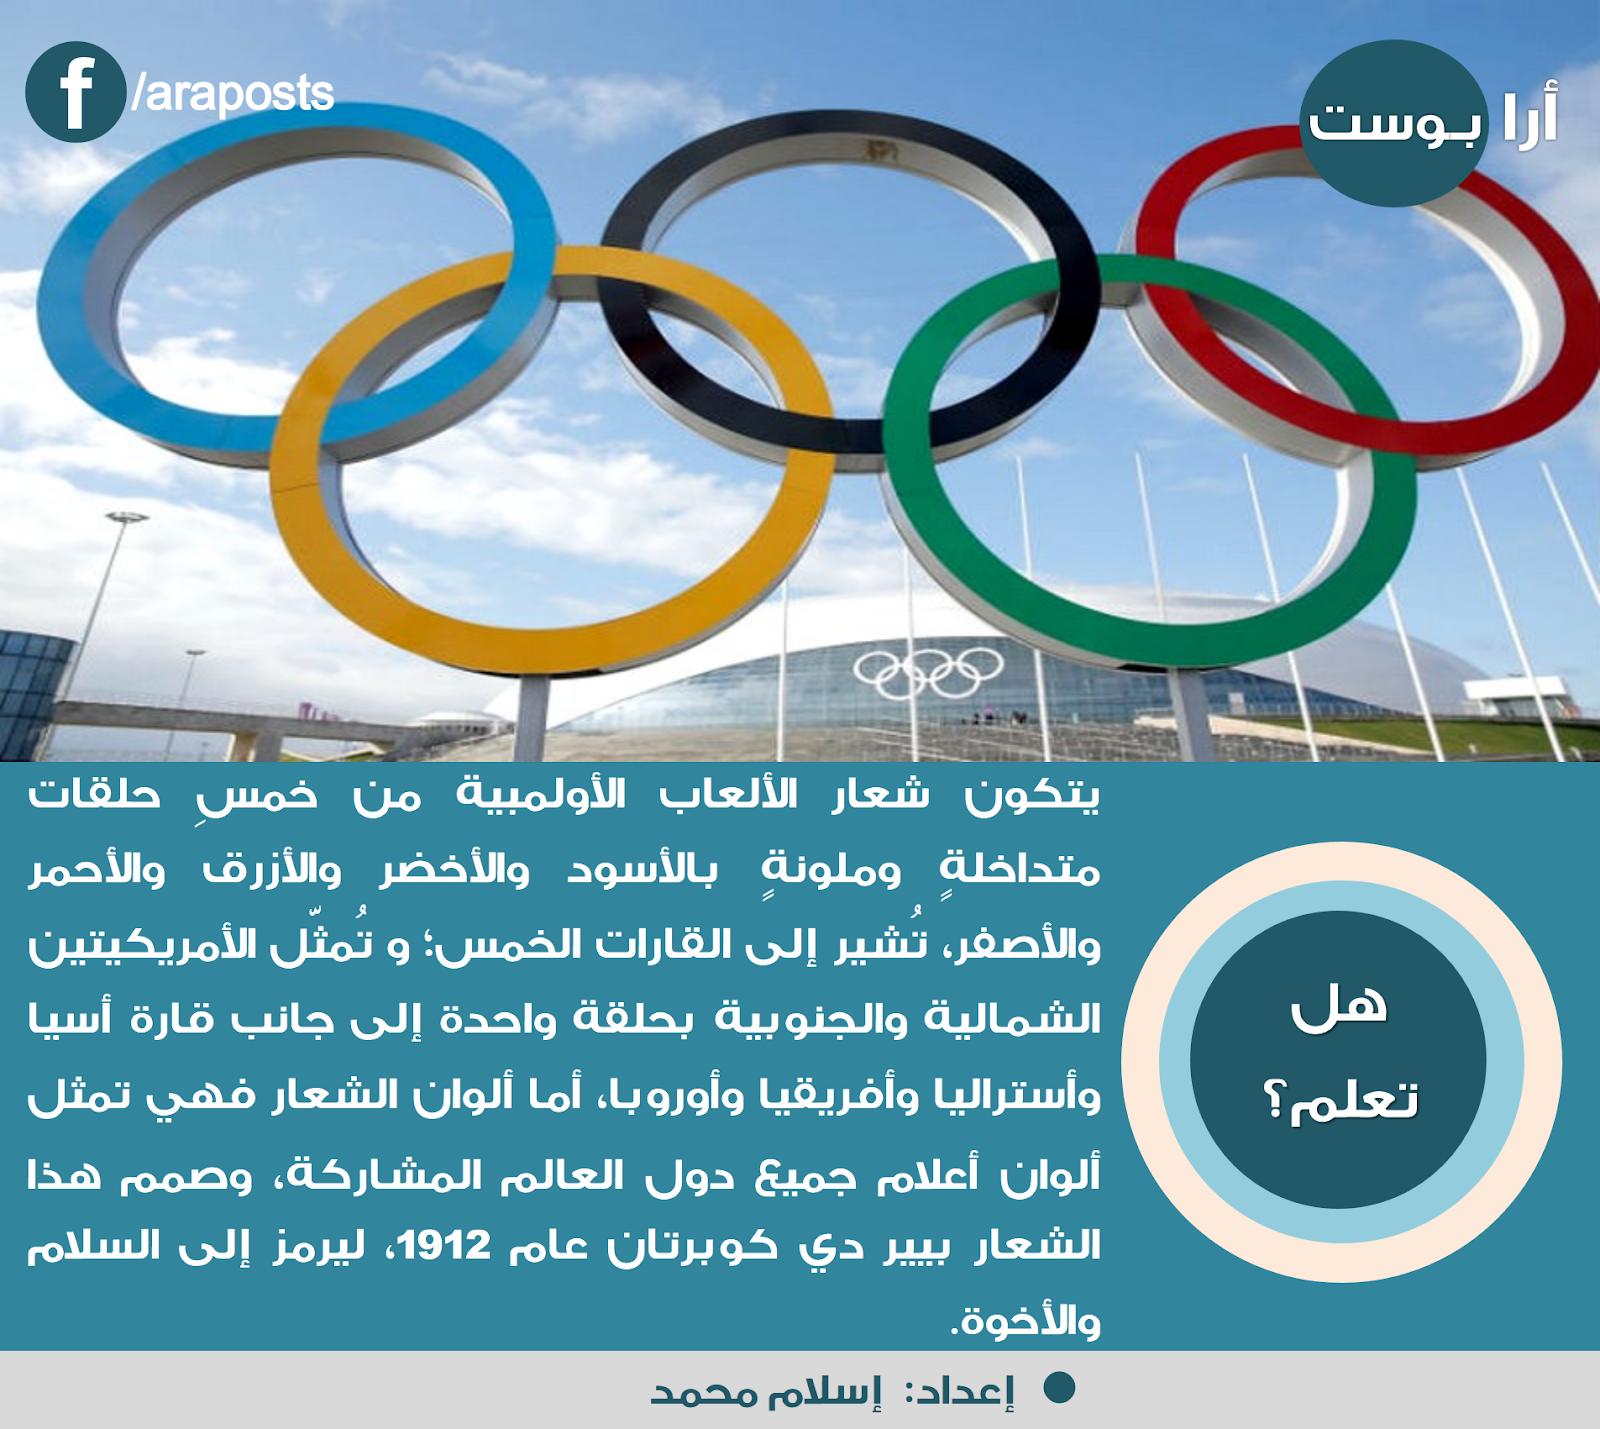 ماذا يعني شعار الألعاب الأولمبية وماذا تعني ألوانه ؟